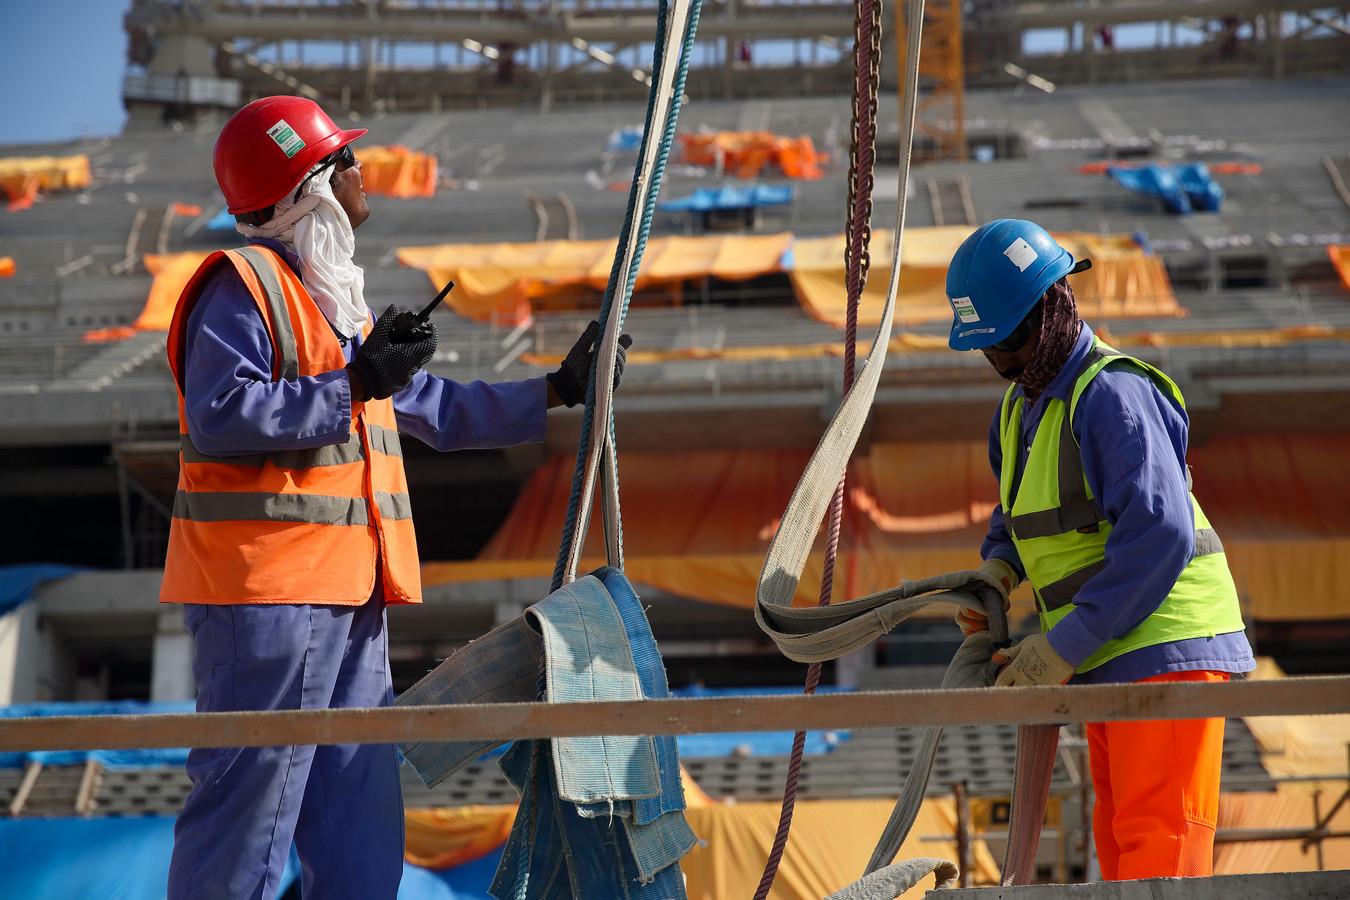 Bouwvakkers aan het werk in een stadion in hoofdstad Doha.